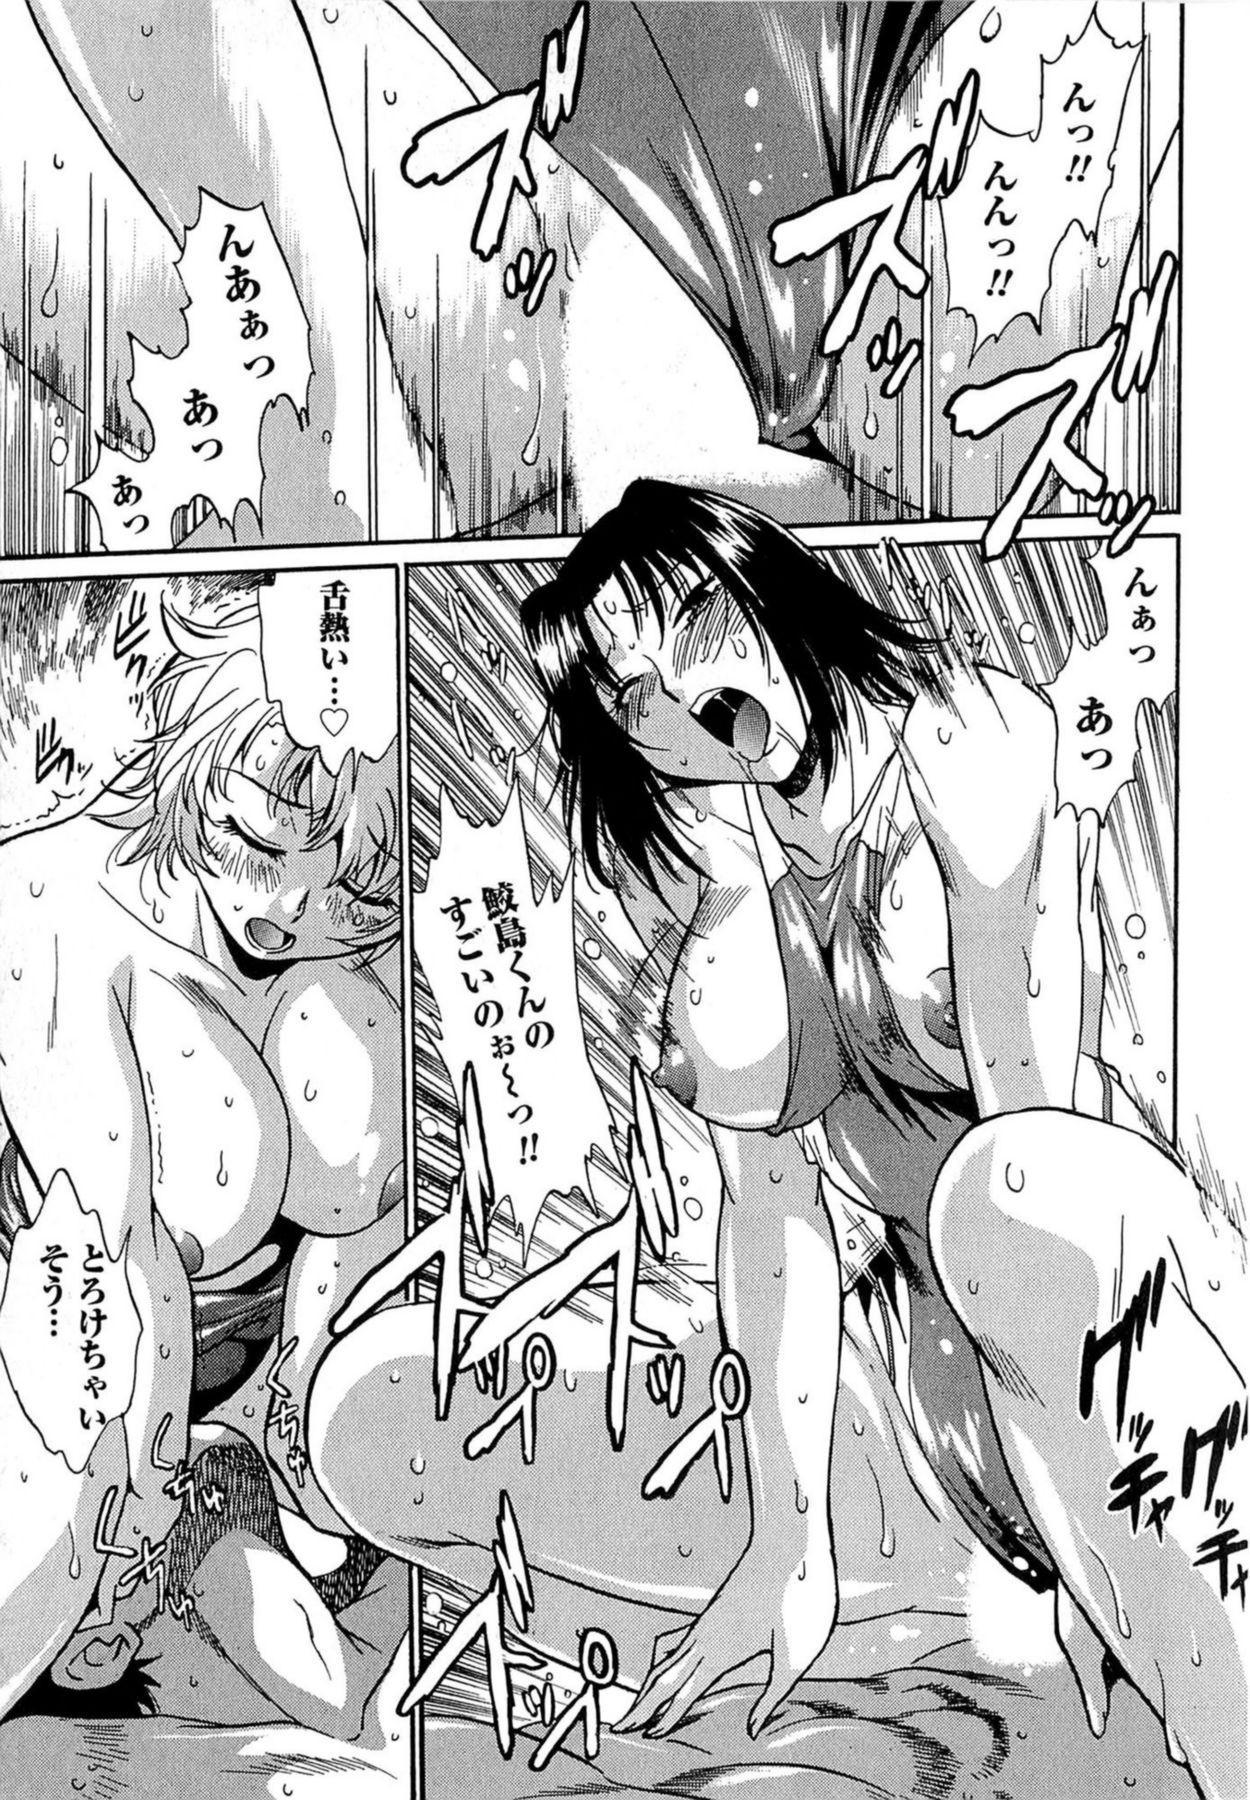 Kuikomi wo Naoshiteru Hima wa Nai! Vol. 1 135